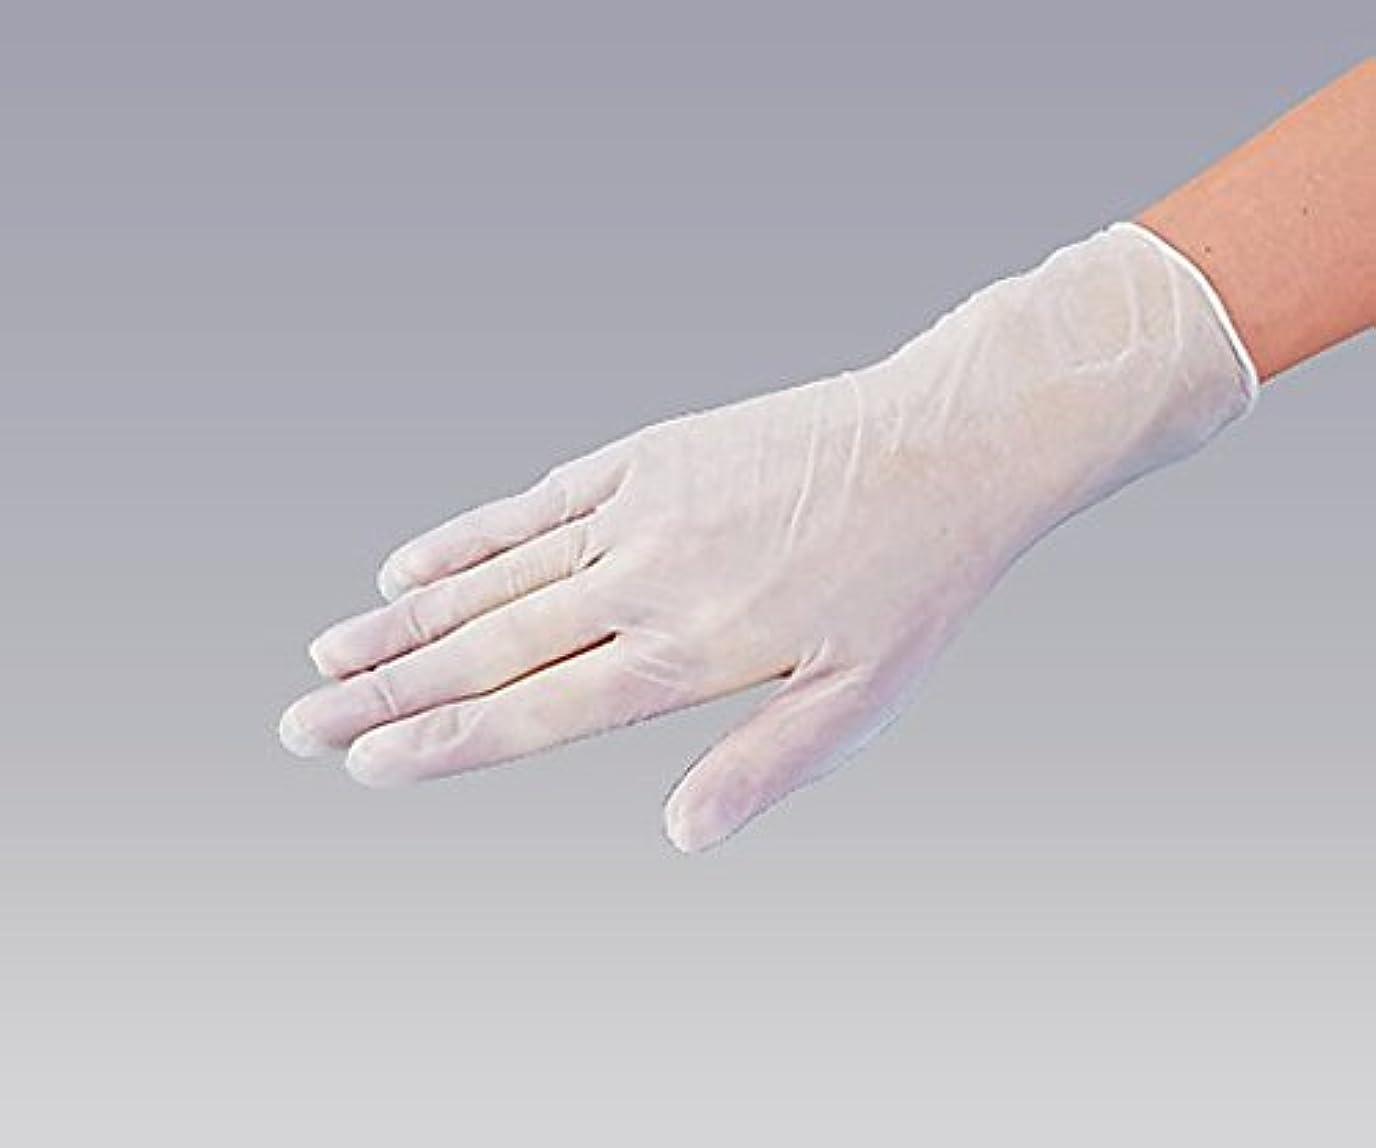 カジュアル収容するいらいらさせるナビス(アズワン)0-9868-02プラスチック手袋パウダー無M100入